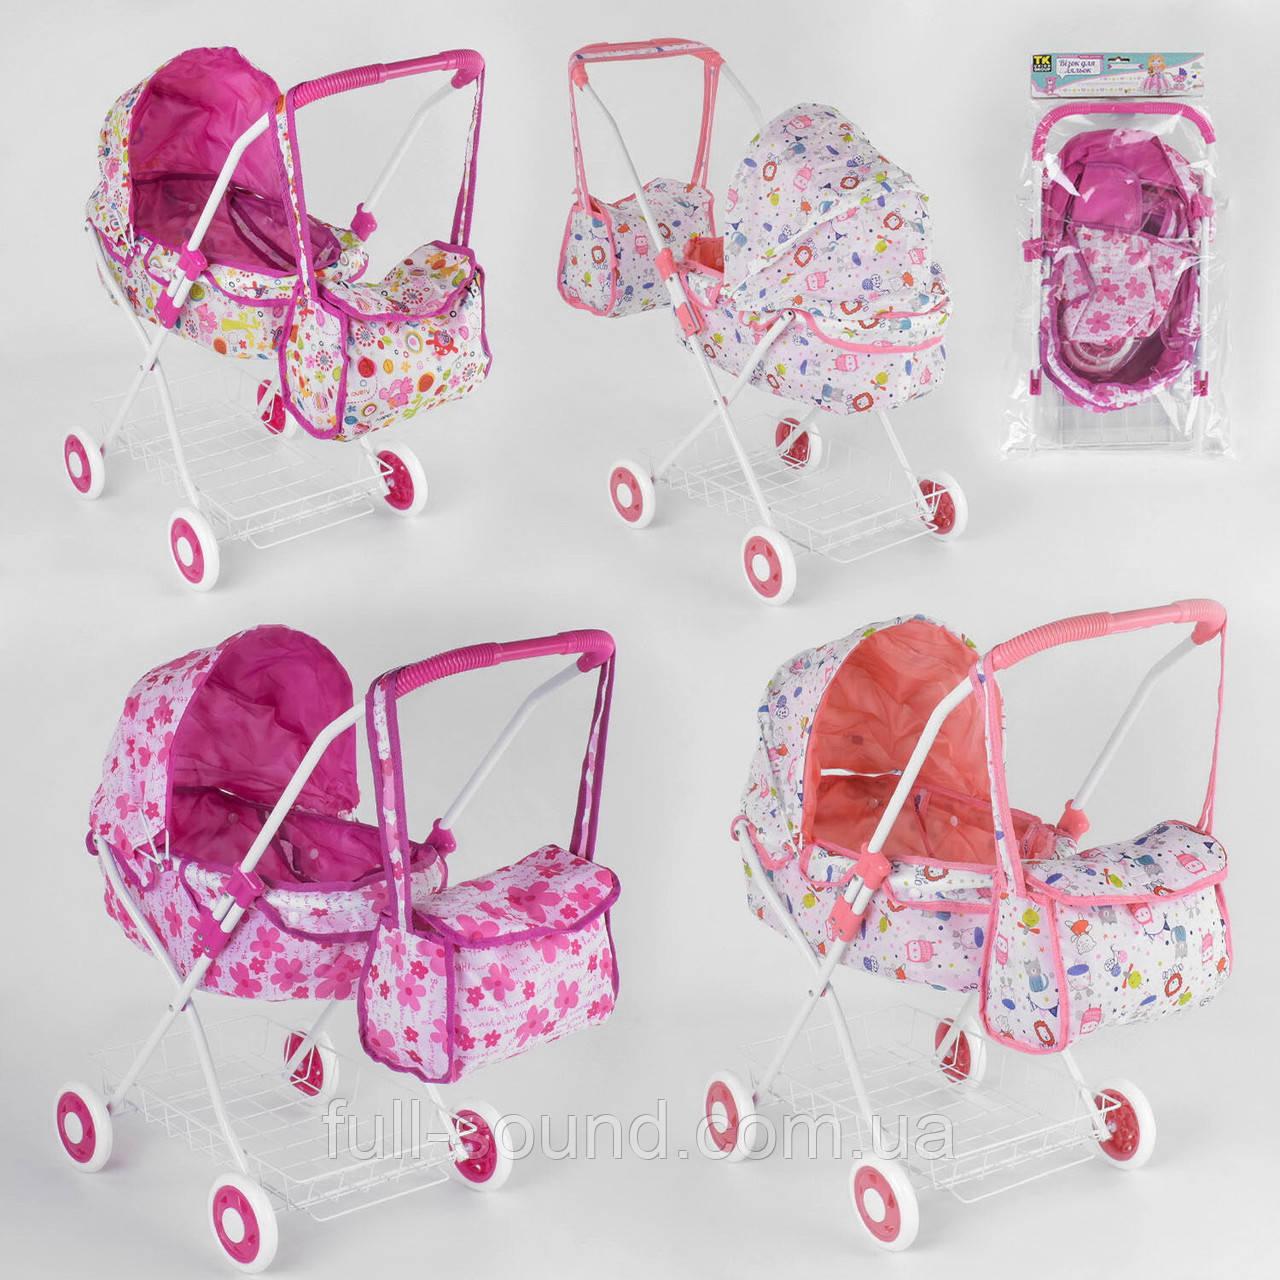 Детская коляска для кукол с сумкой 5504